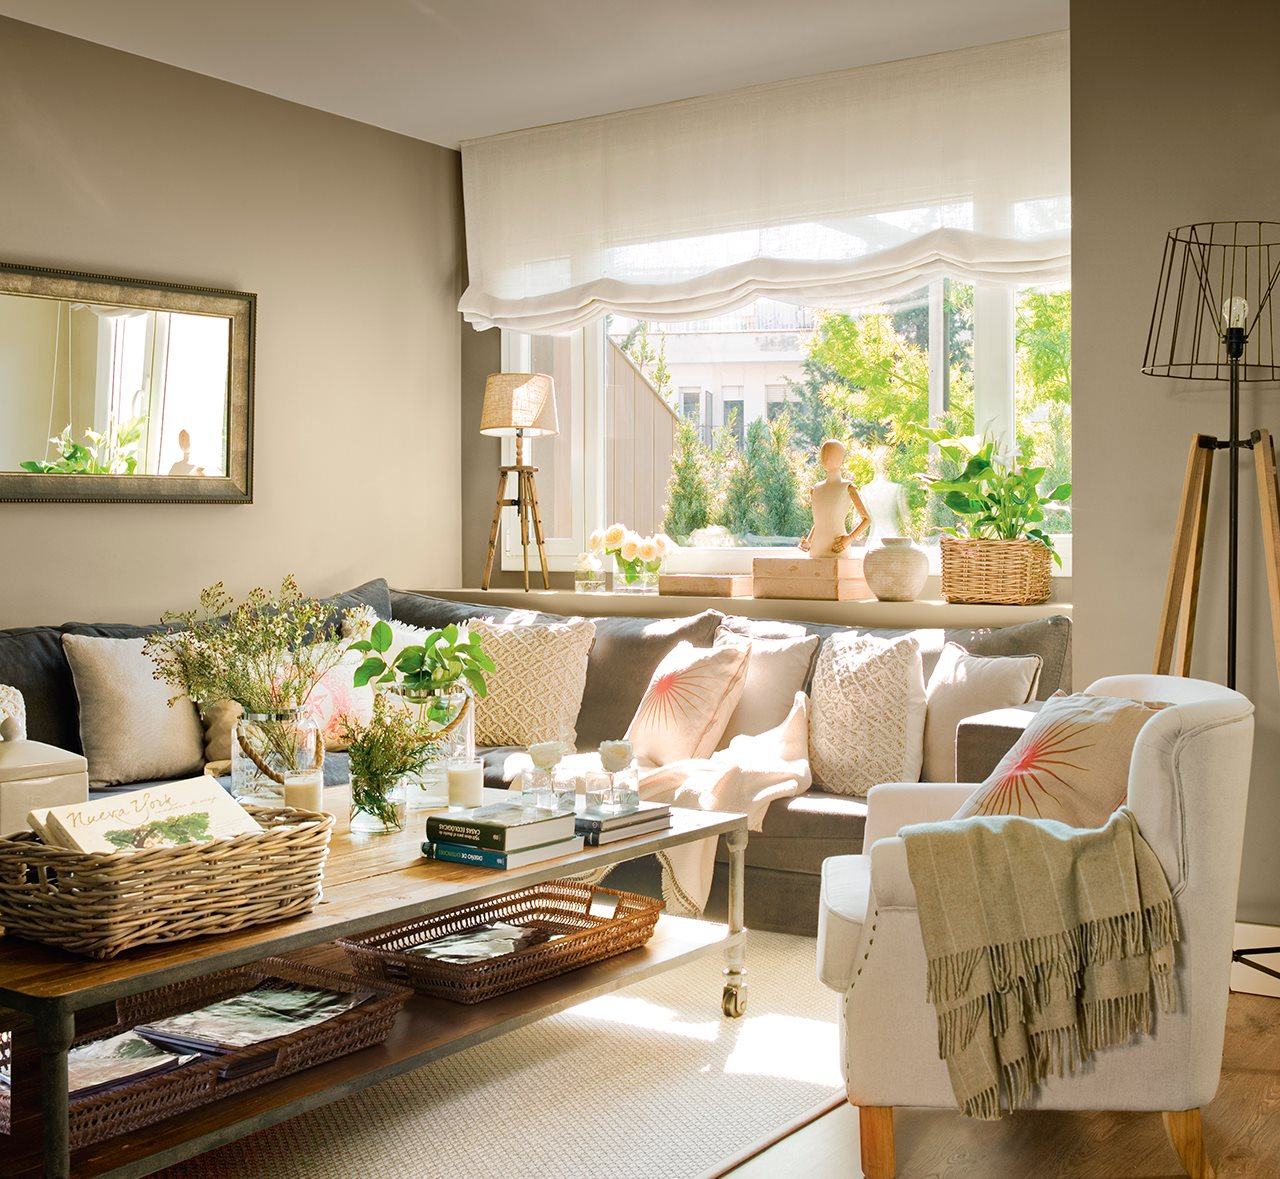 Reforma para ampliar luz y espacio for El mueble salon comedor